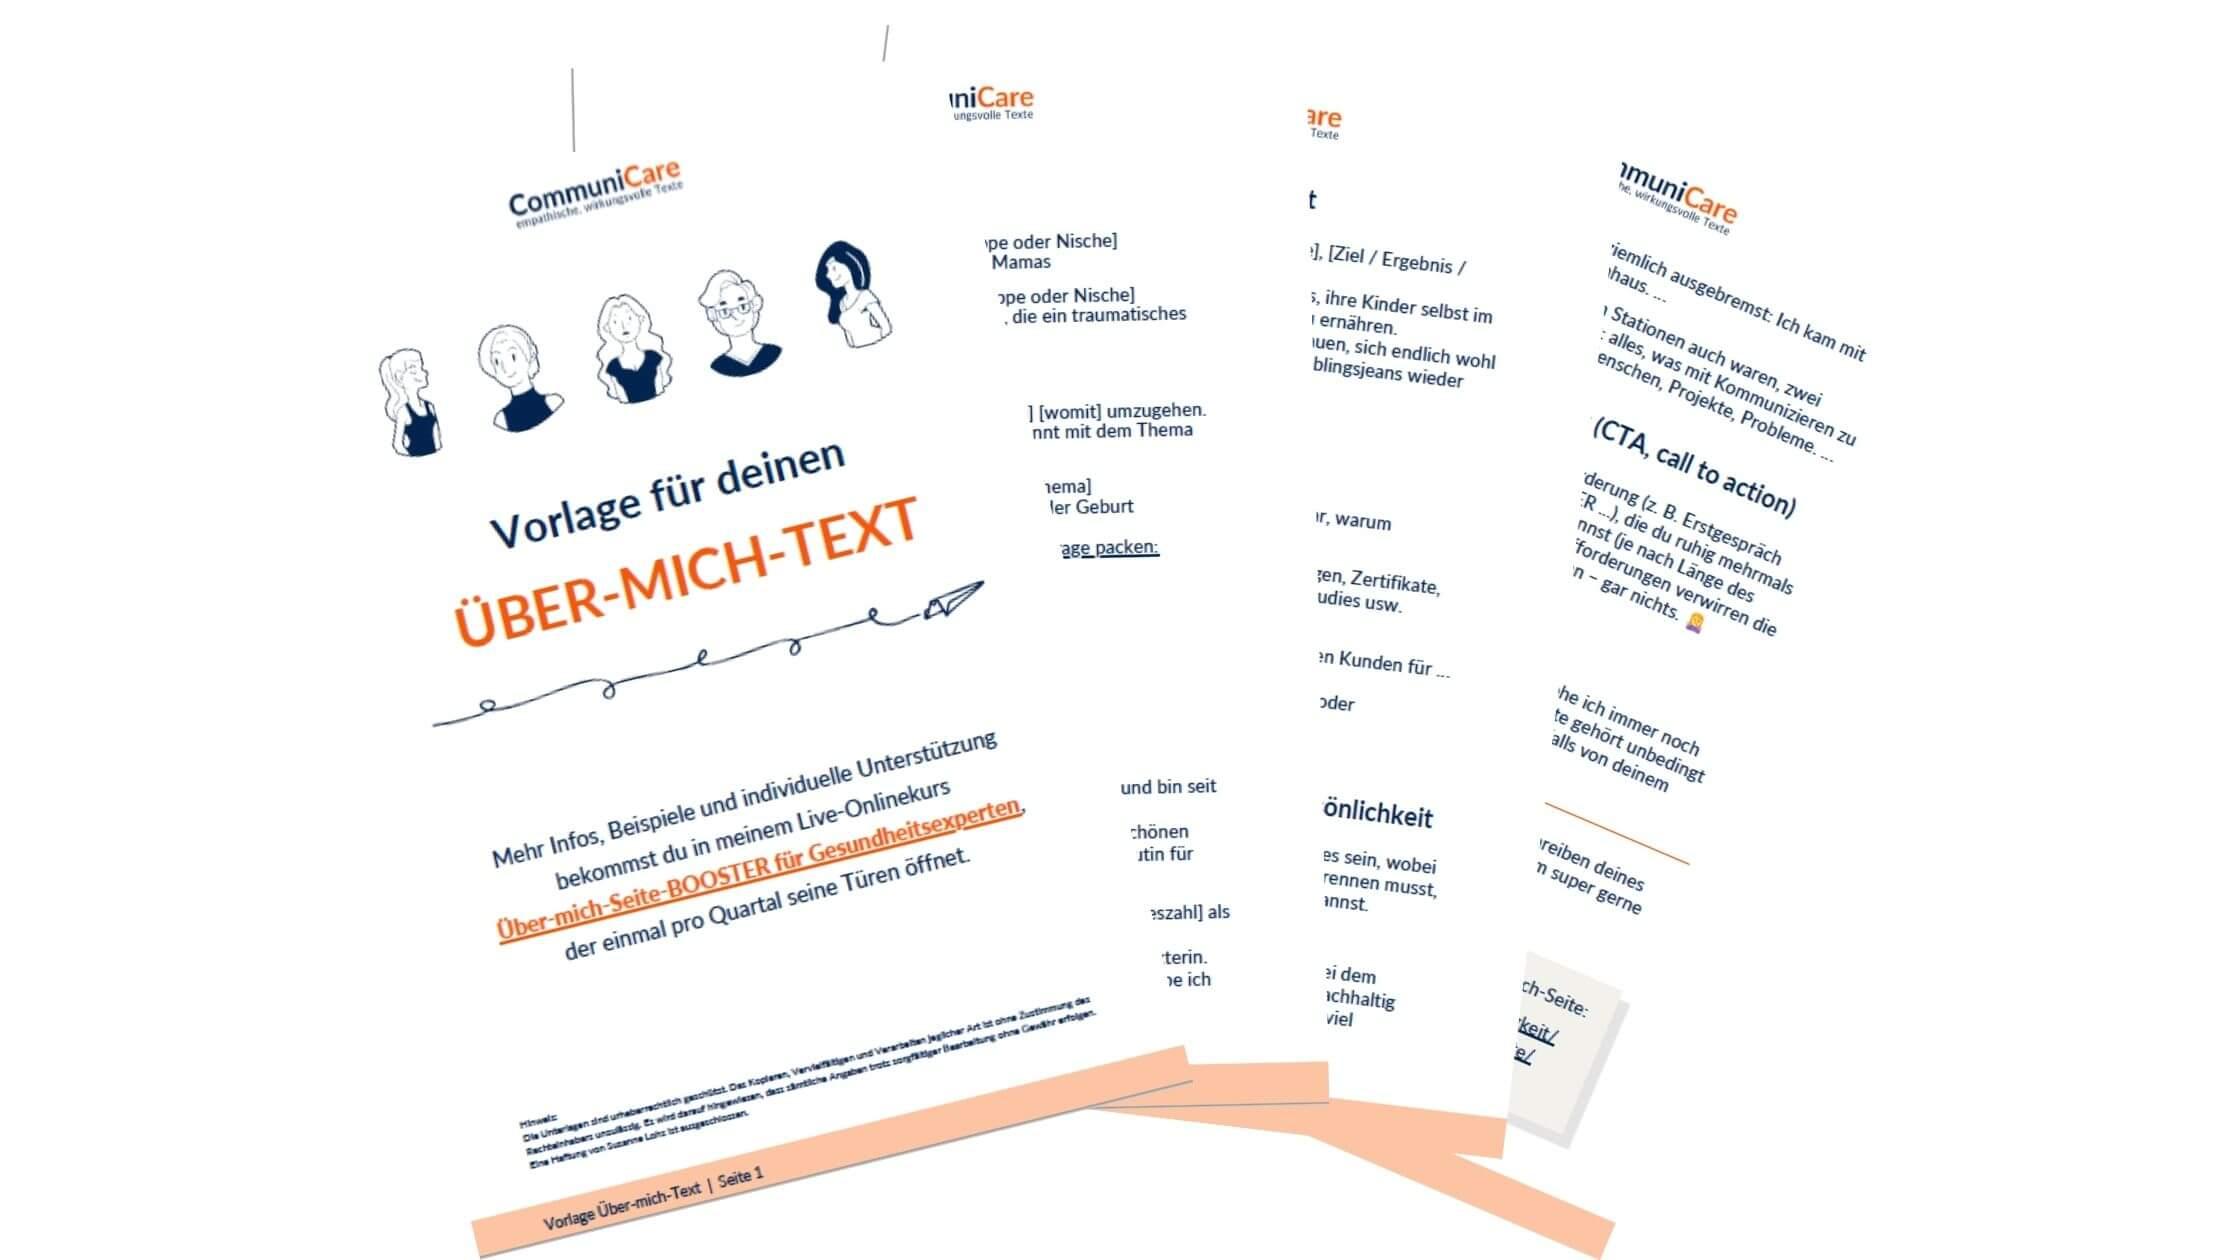 Freebie Vorlage Über-mich-Text